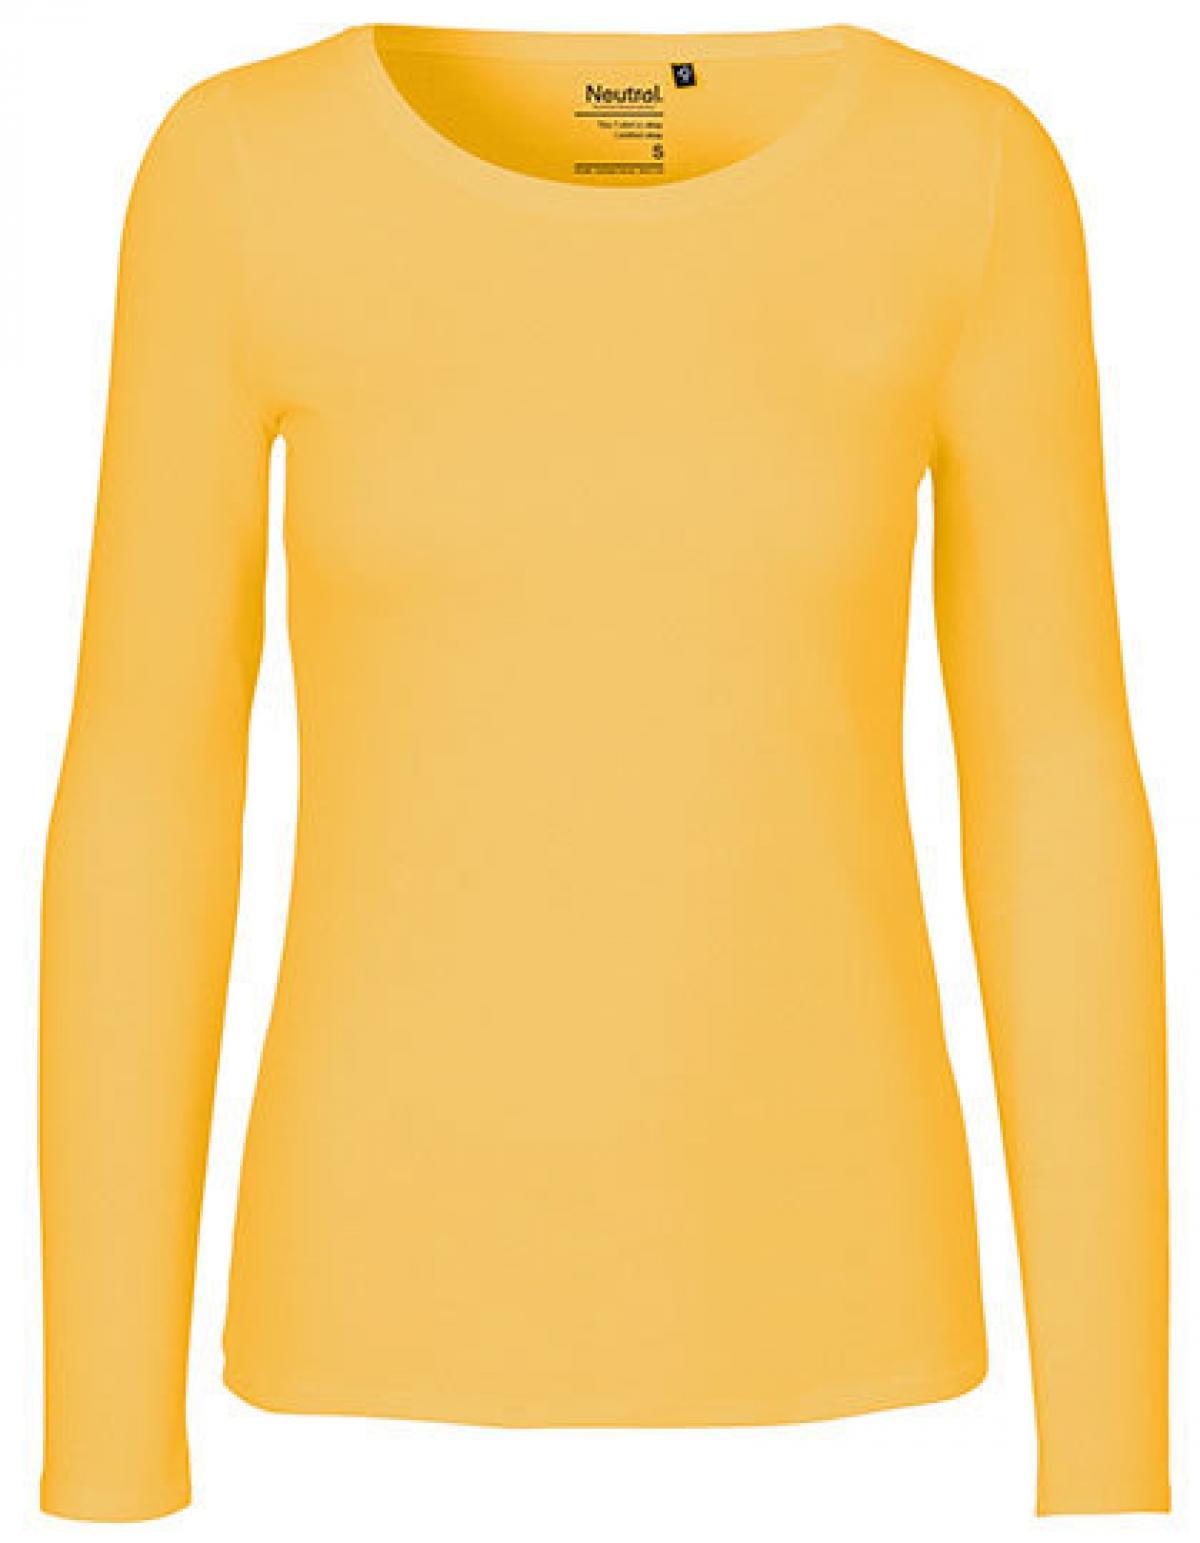 e52d3d05fdba4b Damen Long Sleeve T-Shirt   100% Fairtrade-Baumwolle - Rexlander´s